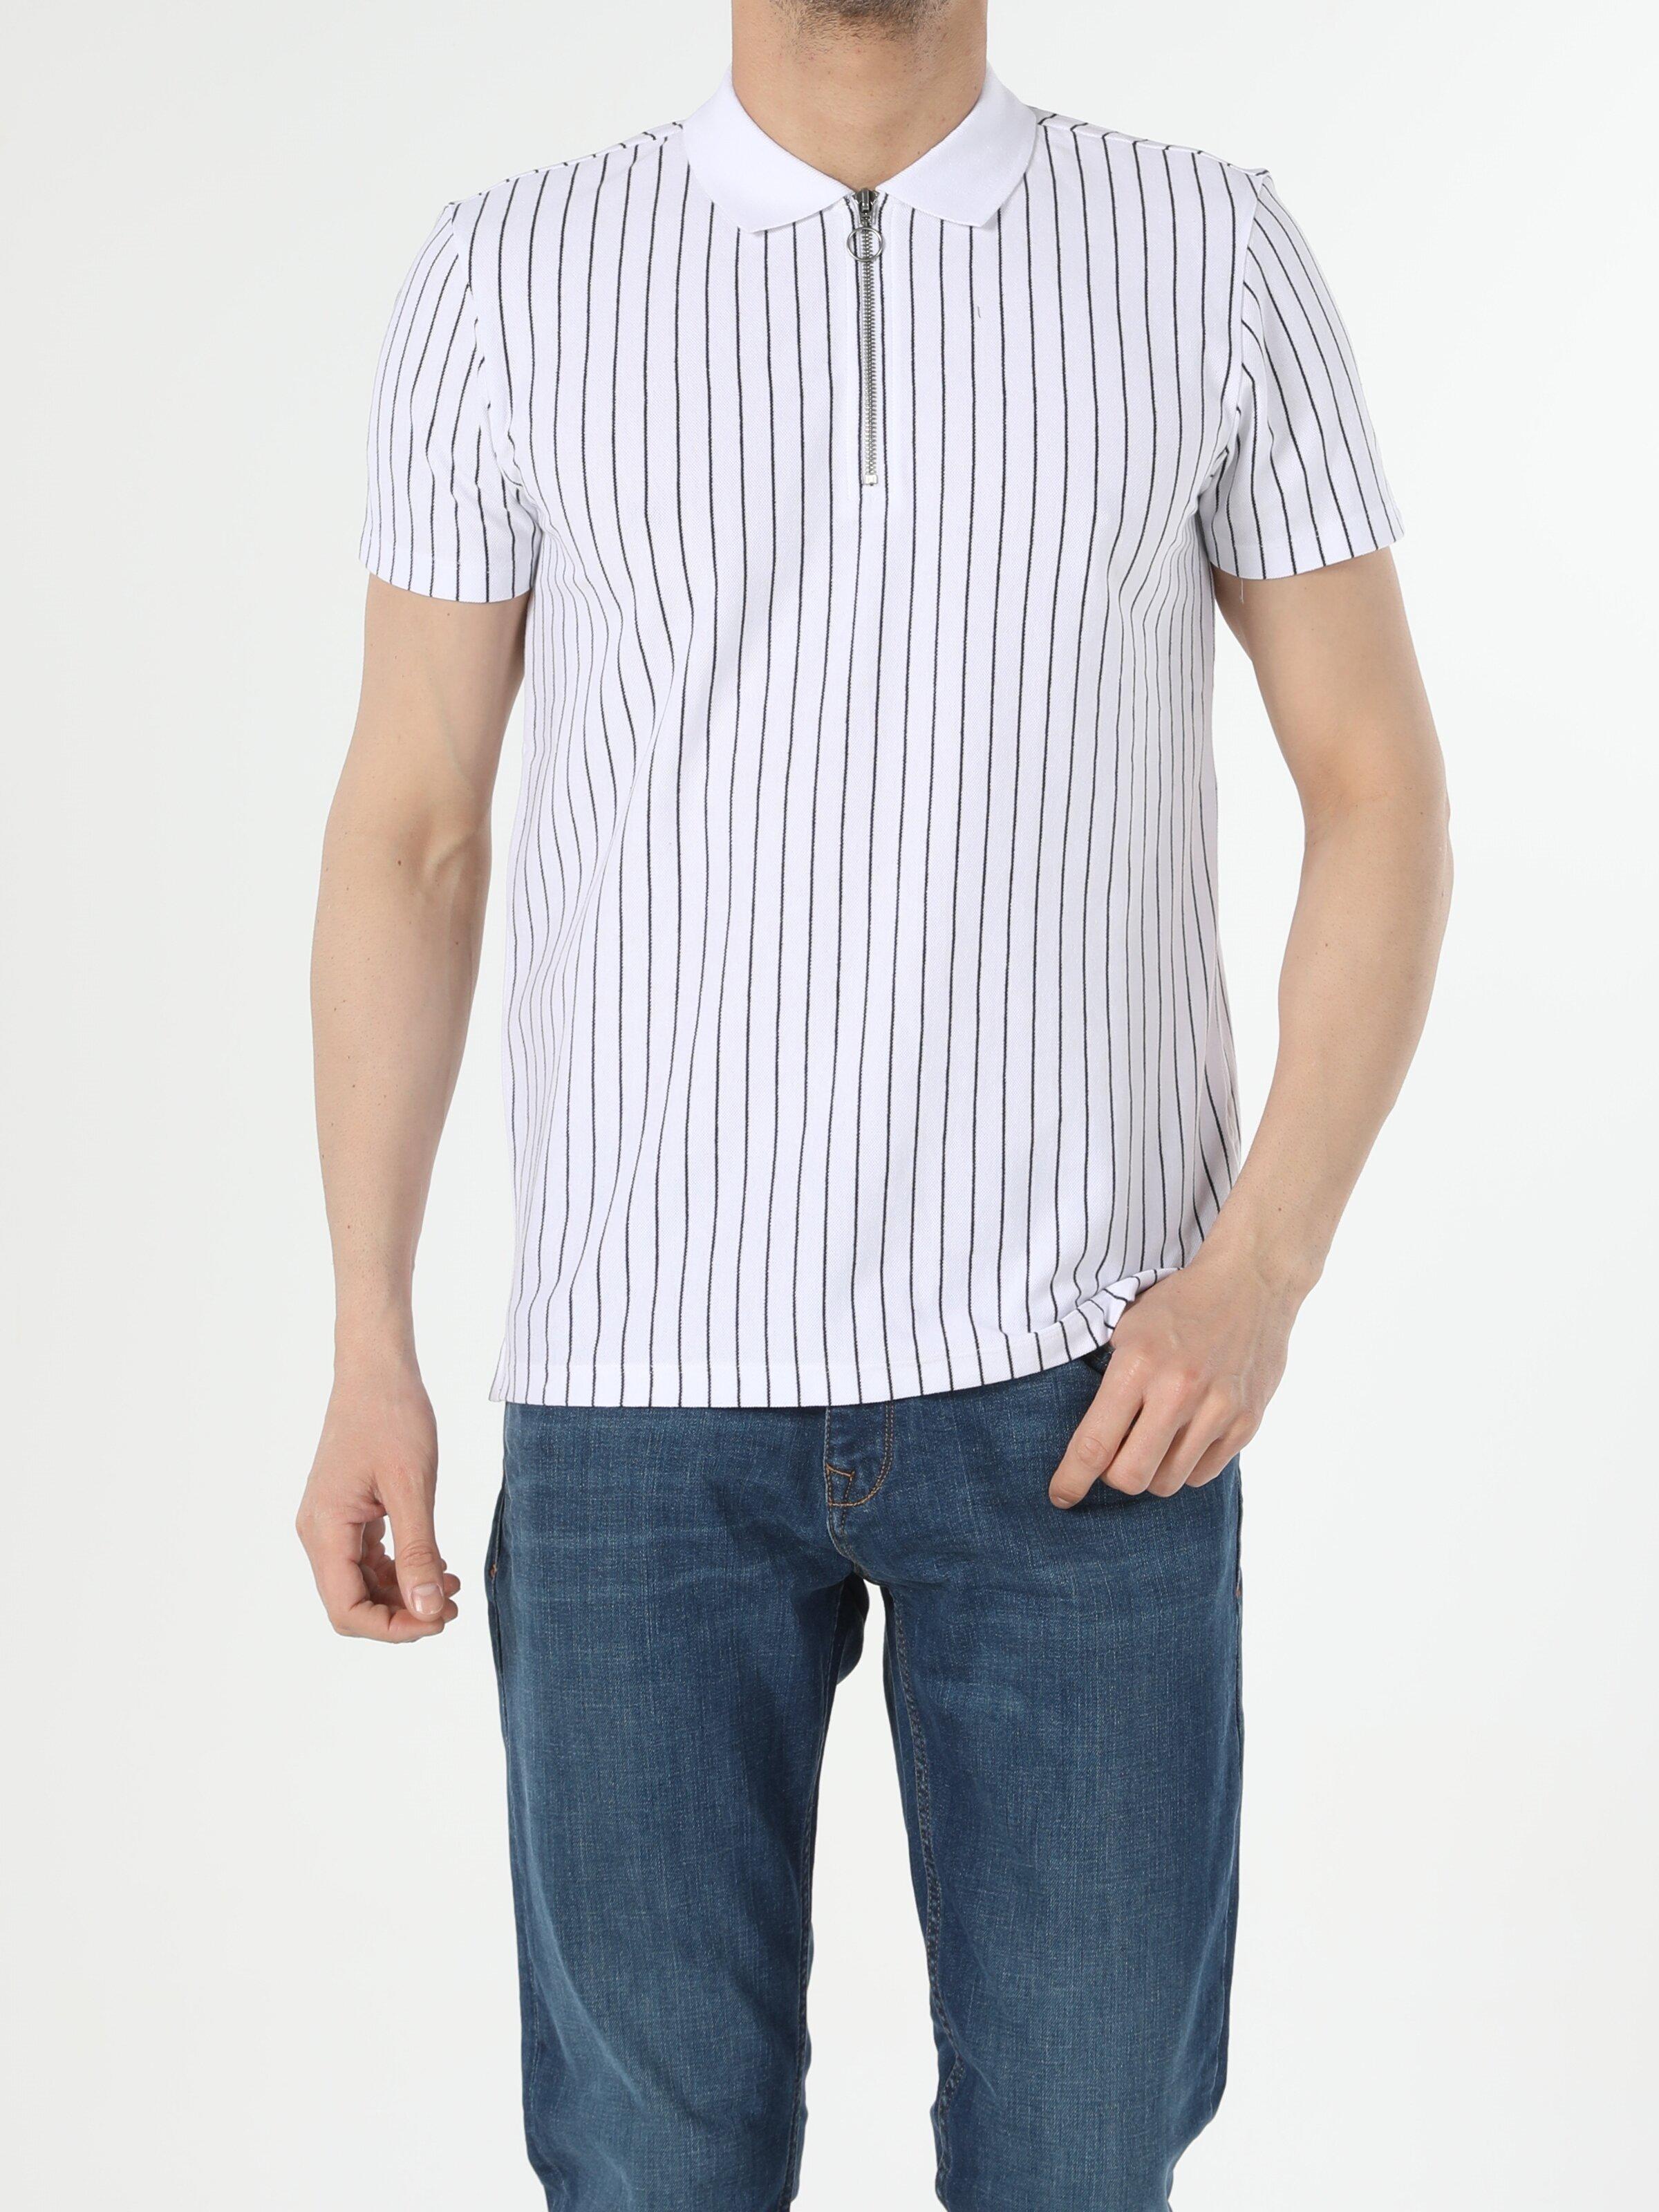 Показать информацию о Мужская футболка-поло regular fit CL1054352